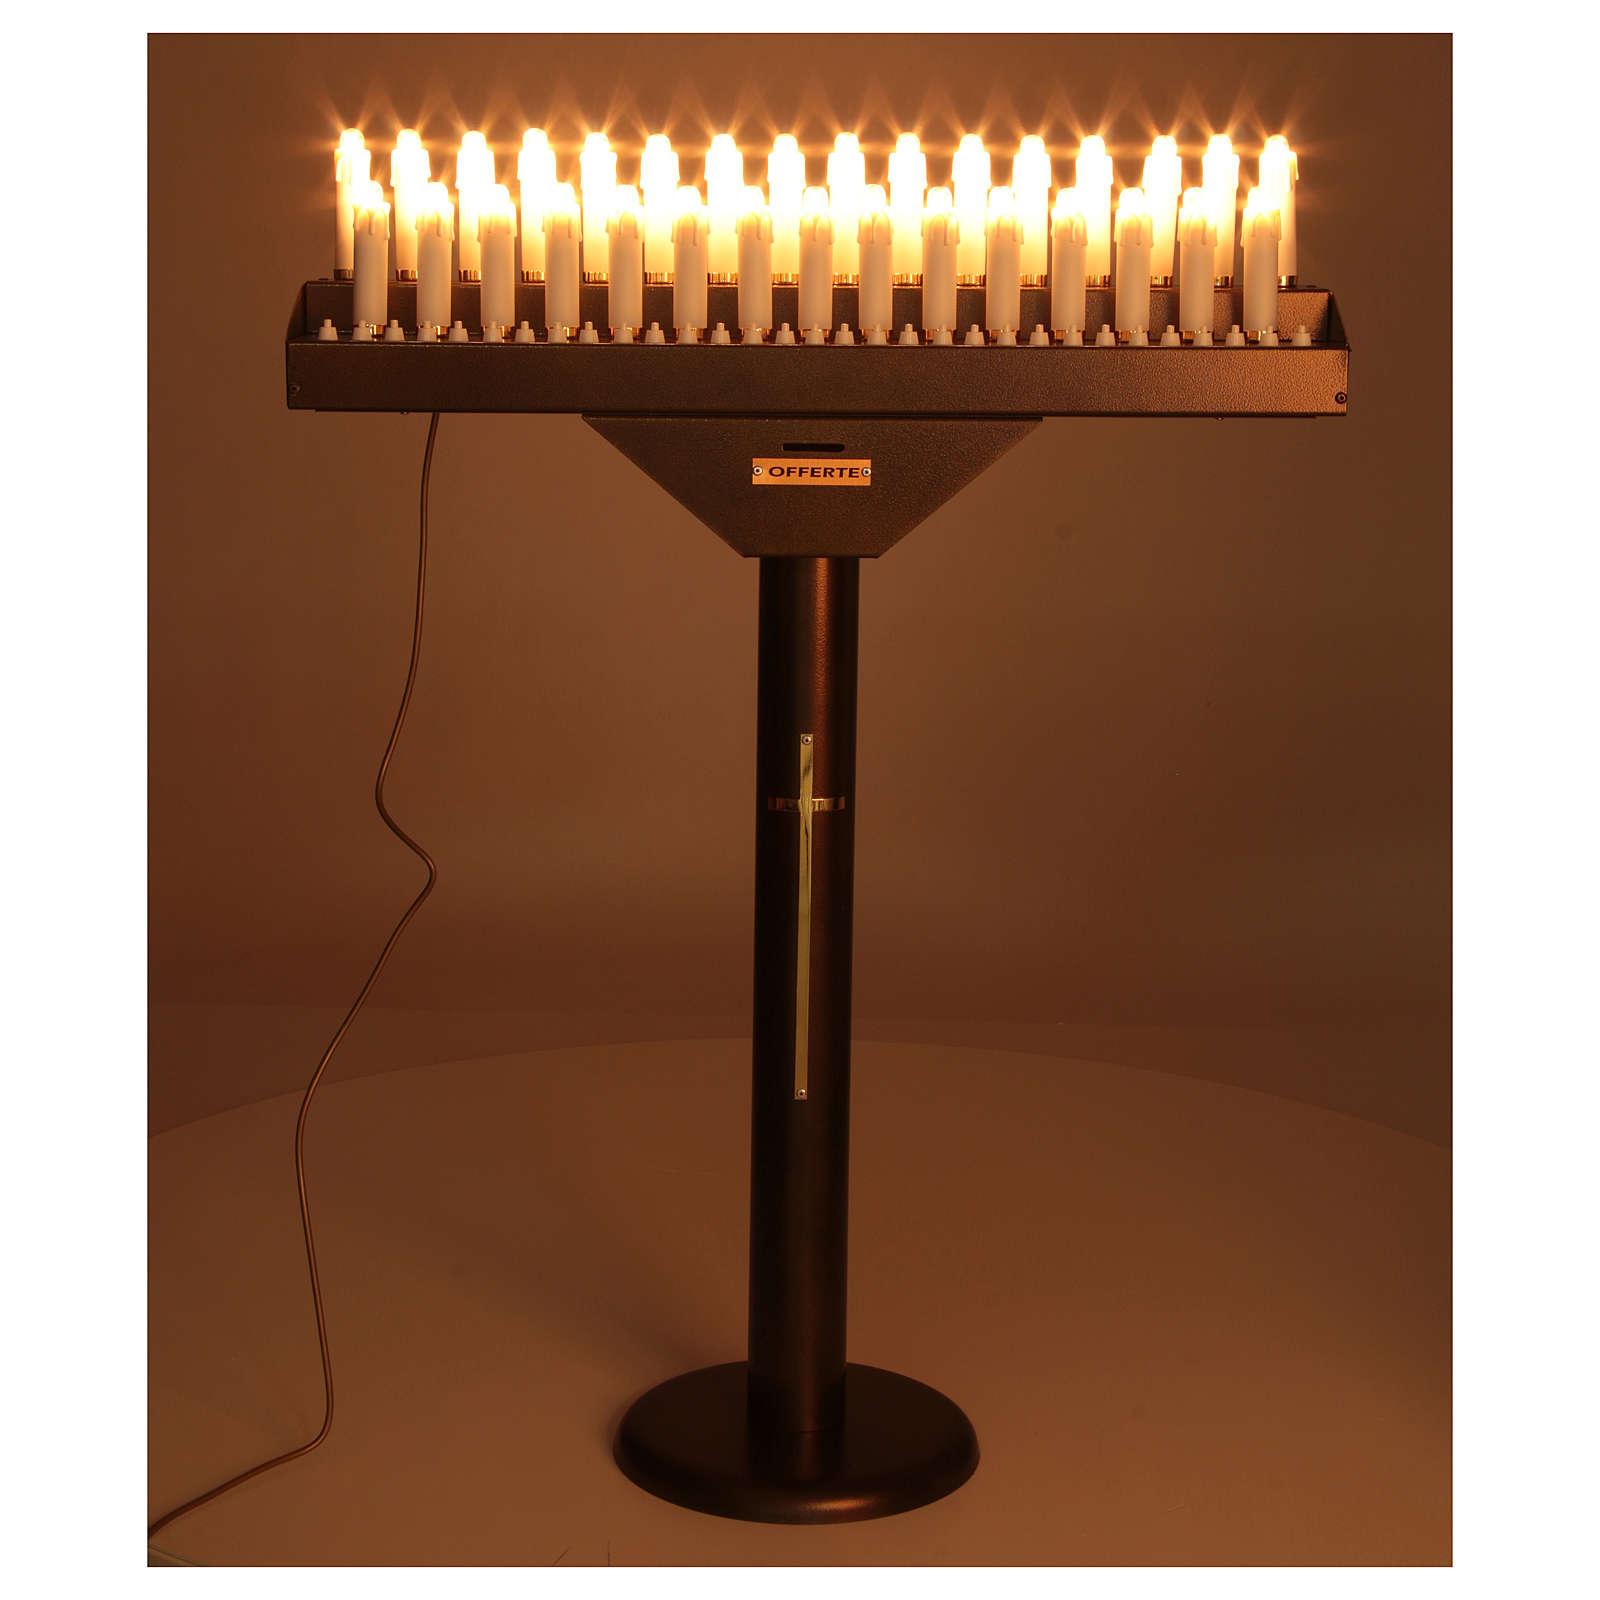 Brûloir électrique 31 bougies à 24Vcc boutons ampoules 4